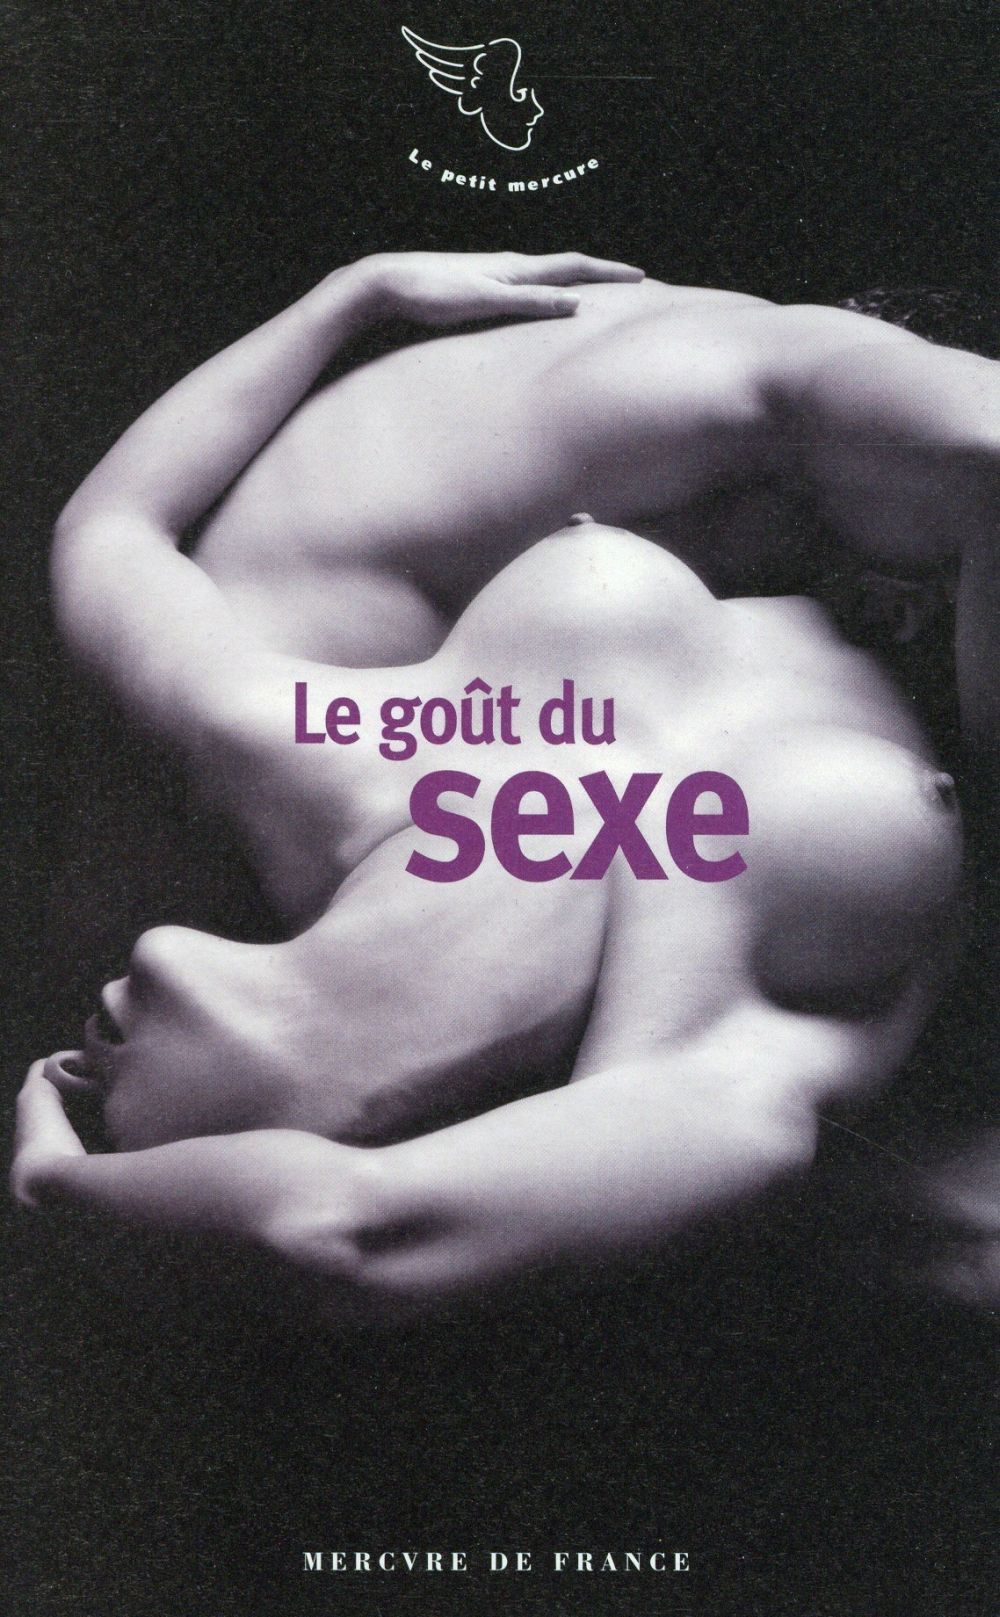 Le goût du sexe